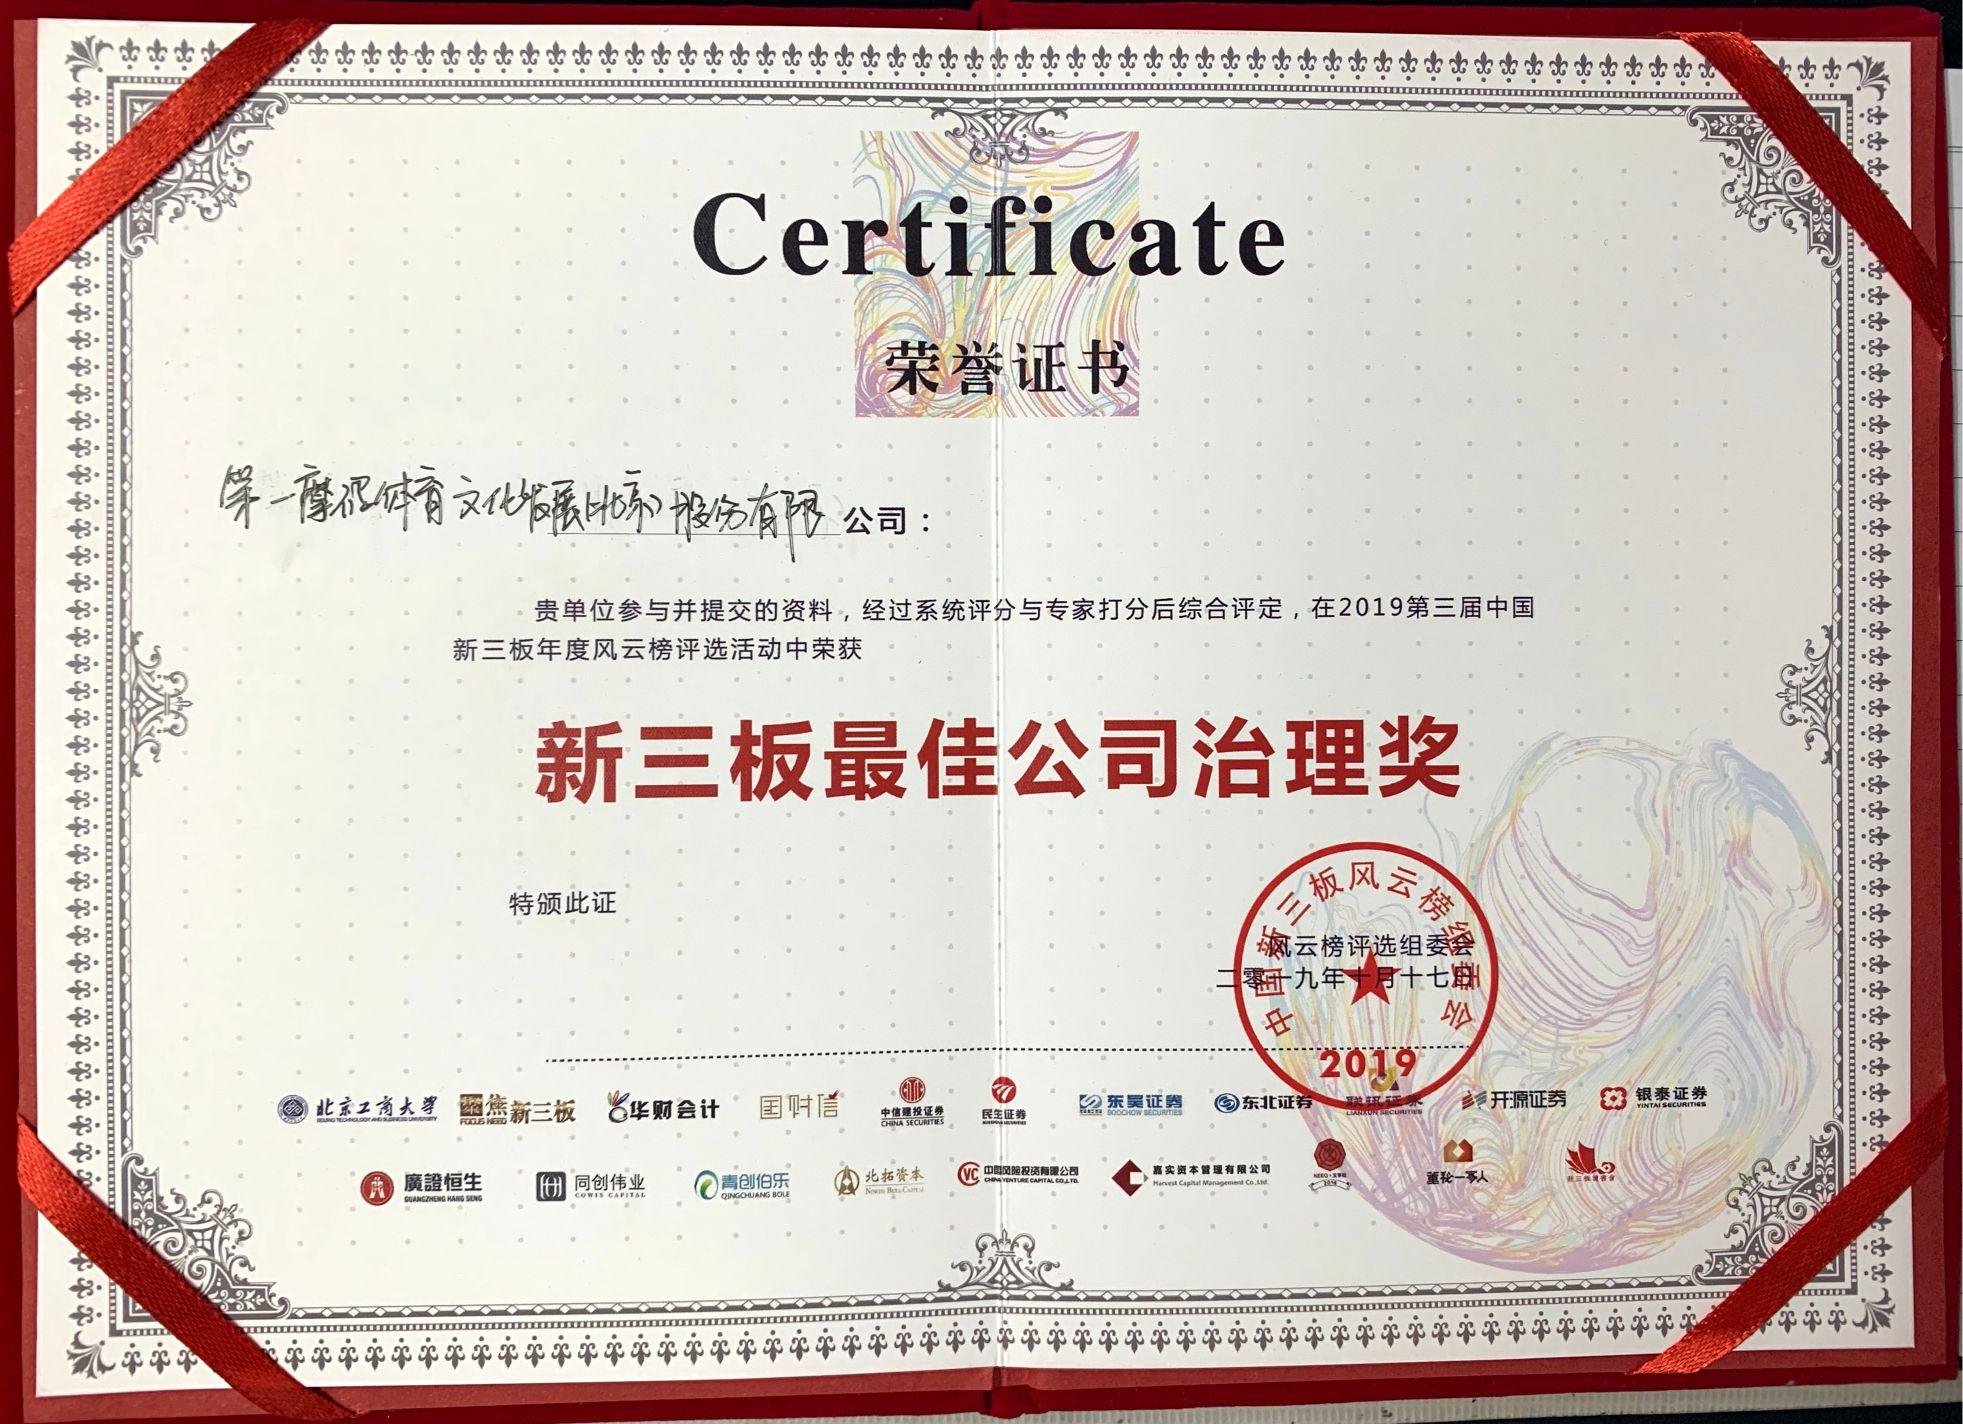 2019年第三届中国新三板年度风云榜 !第一体育蝉联大奖!